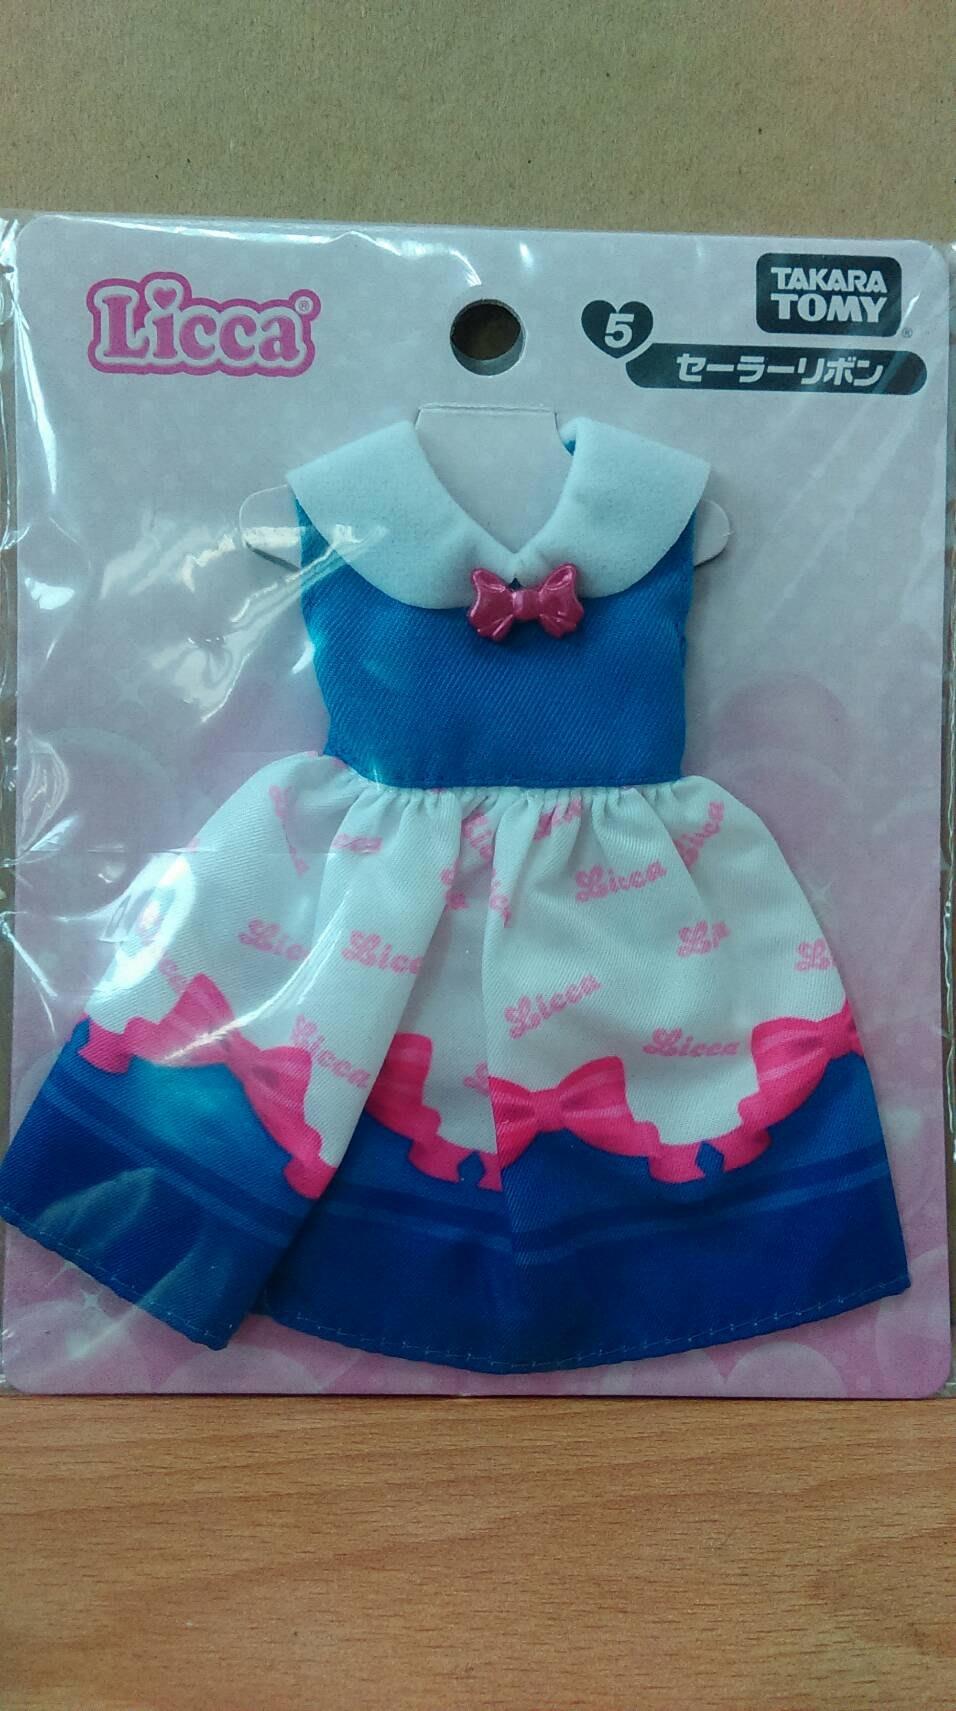 小丸子媽媽 莉卡繽紛扮裝洋裝 莉卡娃娃服飾配件系列 莉卡配件 LA97164 可愛LICCA 日本TAKARATOMY